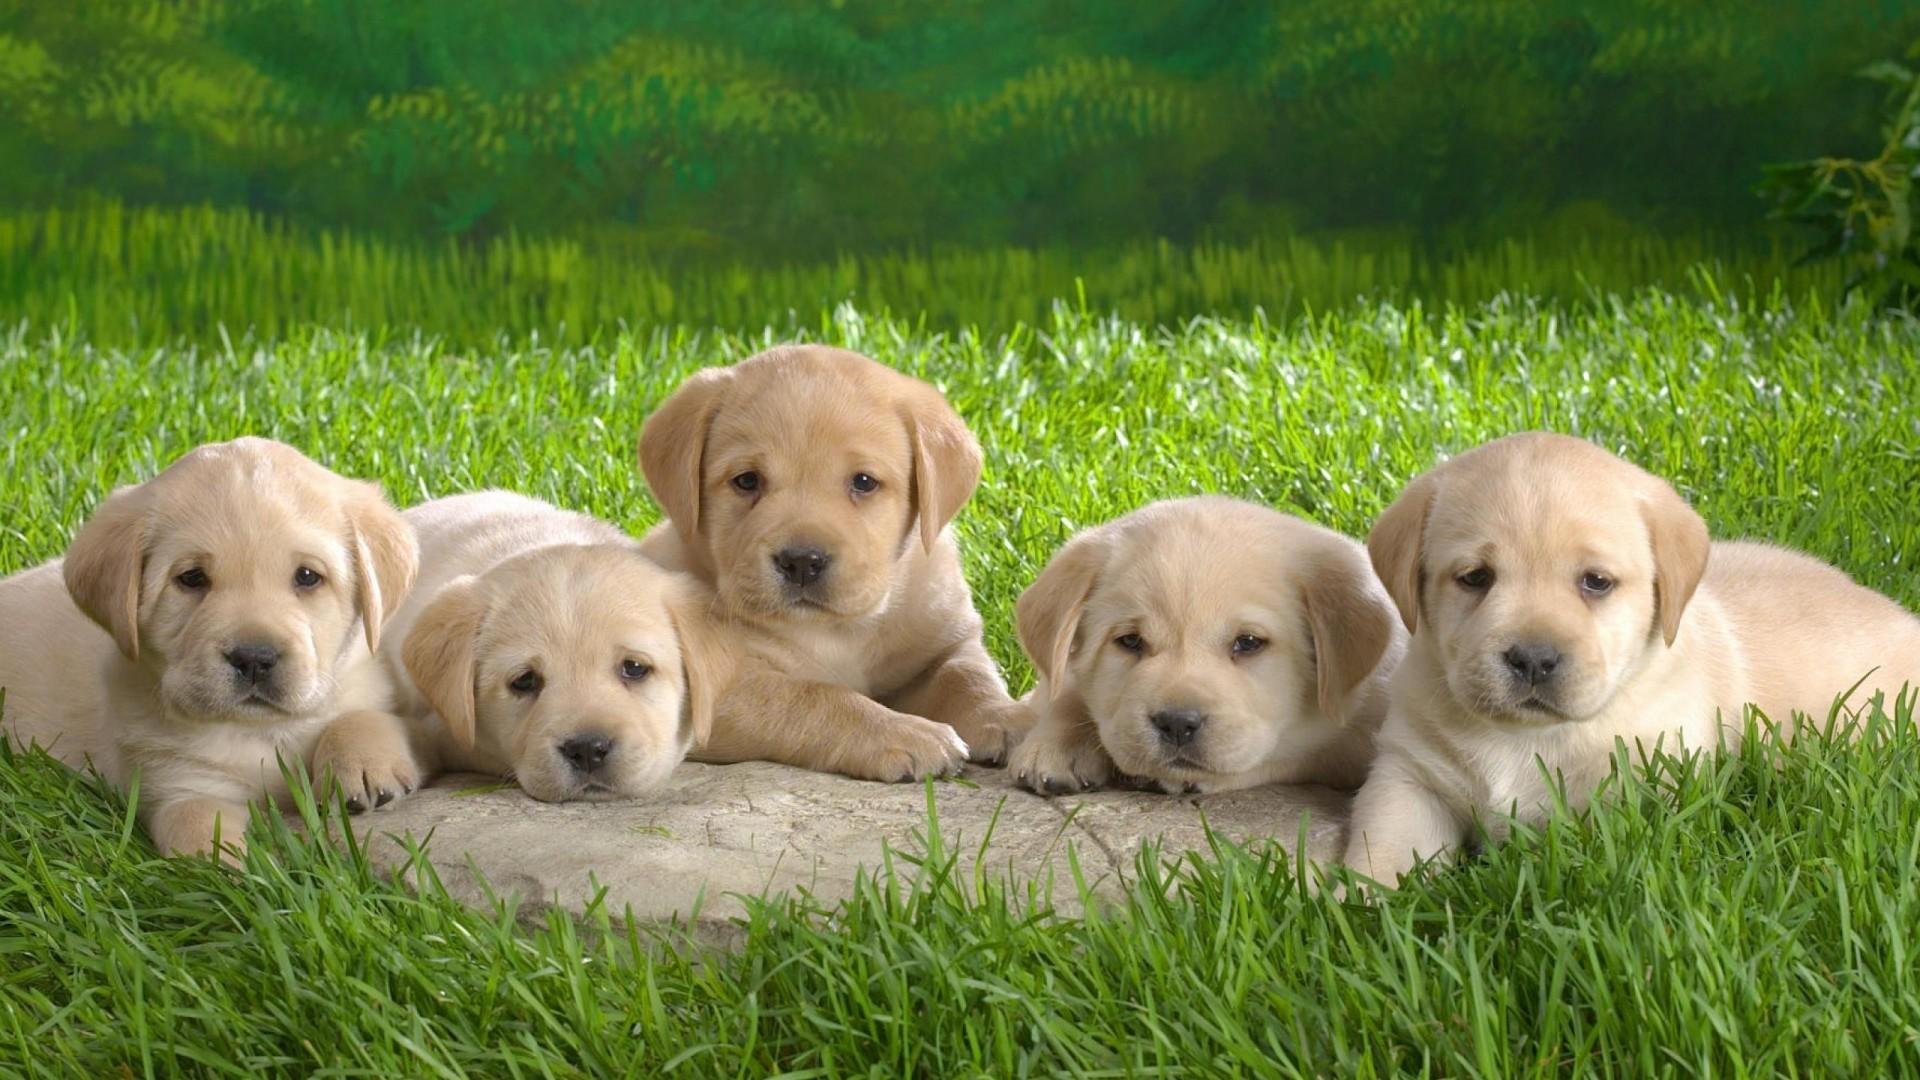 … cute lab puppies wallpaper wallpapersafari …